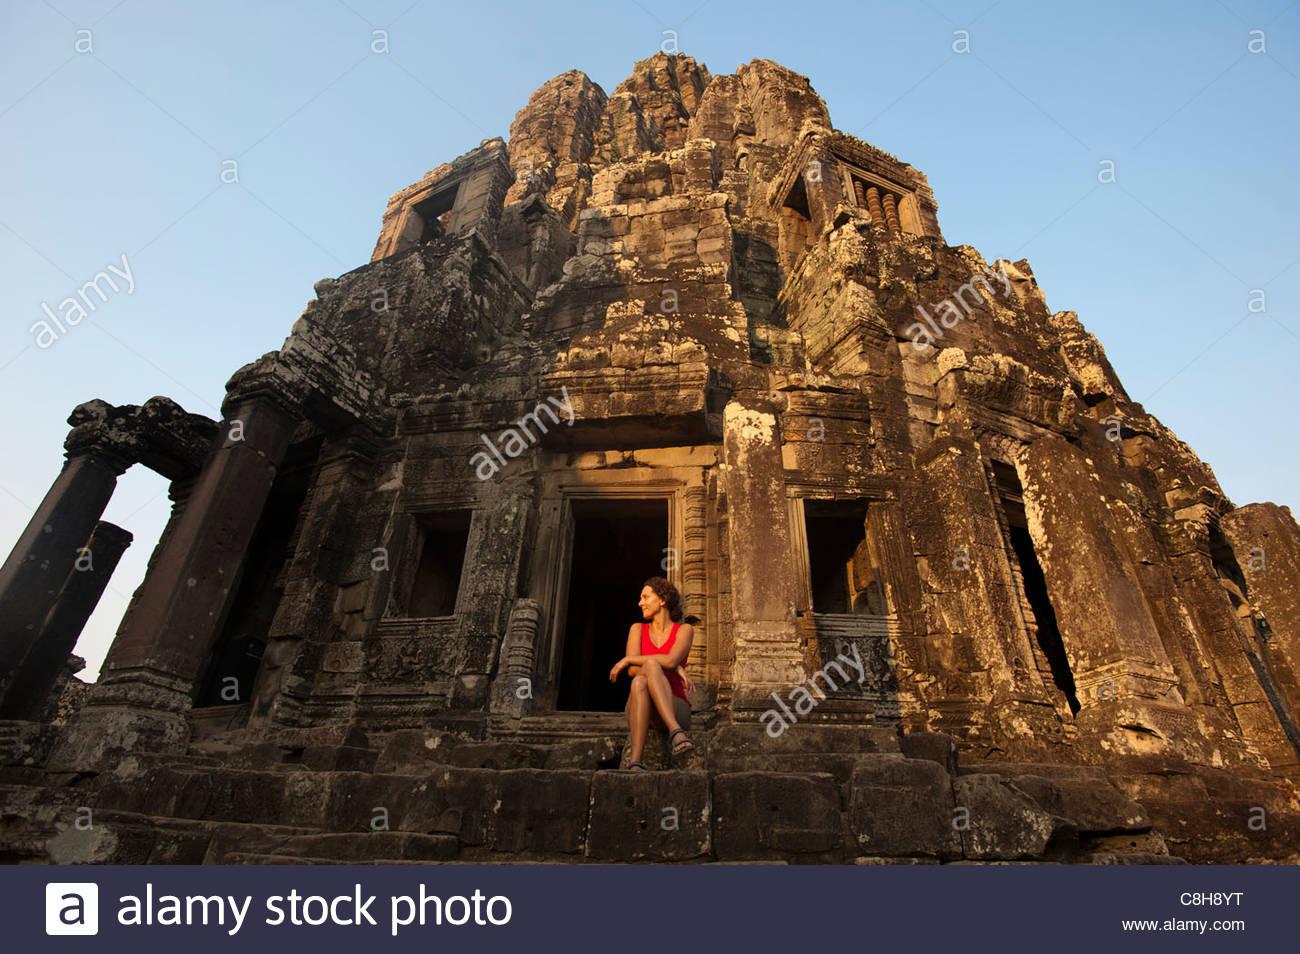 La centrale di sezione superiore del tempio Bayon a Angkor Wat in Cambogia Immagini Stock